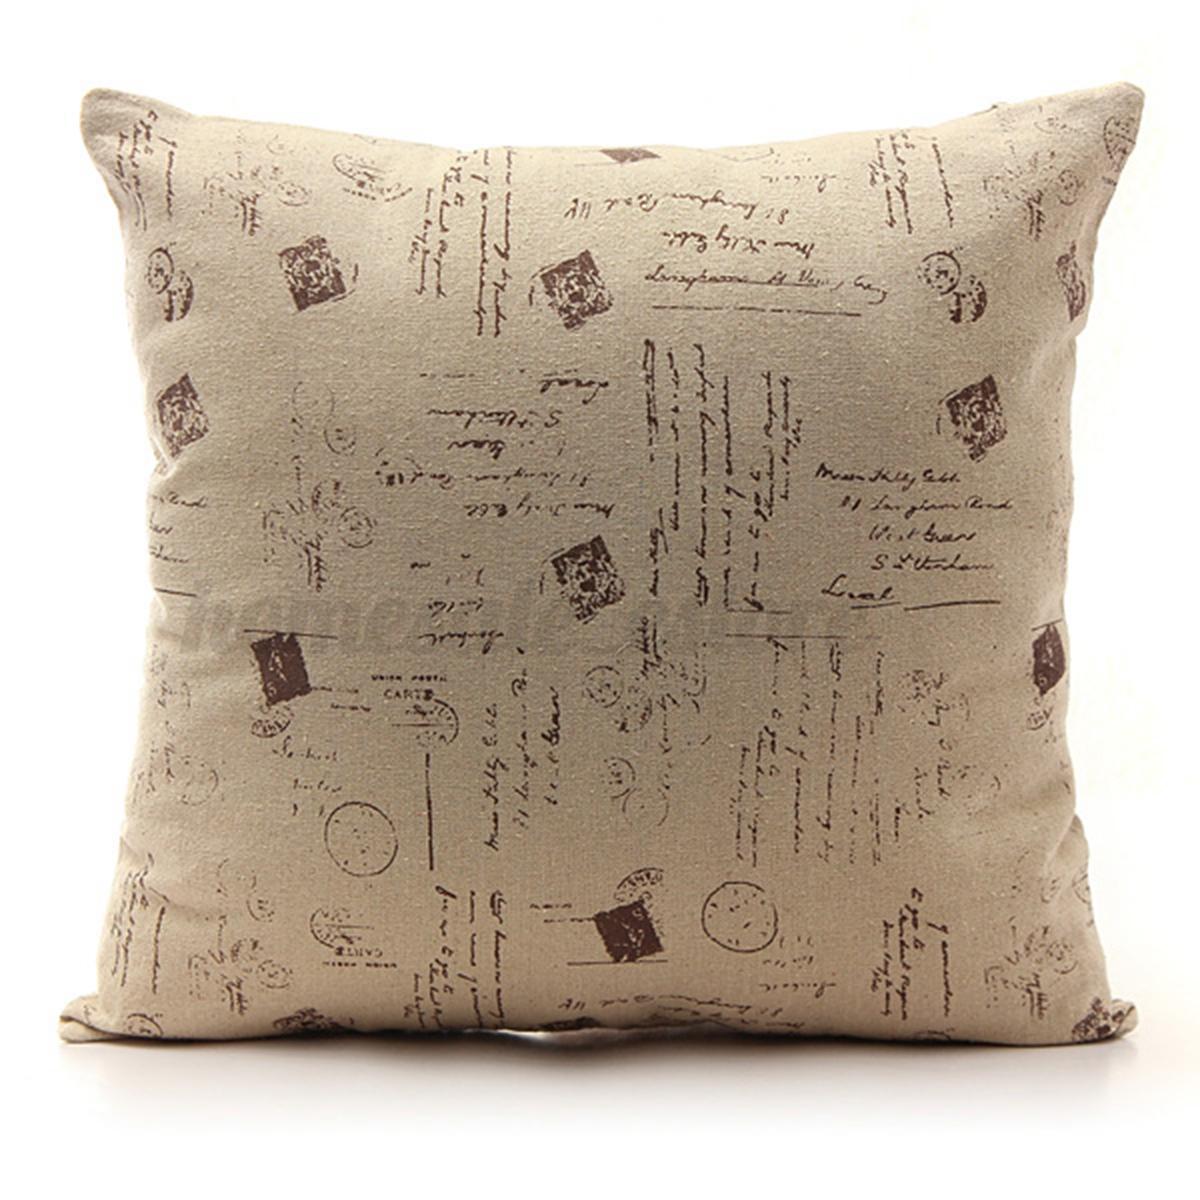 Vintage Square Linen Cotton Throw Pillow Case Cushion  : 41D78690929A8C9EC6C056F59A8C8B908D9A70D6363616CF9BC8CDCE66D2C9CA3336D2995BCA56CDD266C74353ACD29D63C8733699CFC313569A9B9EA02383 from www.ebay.com size 1200 x 1200 jpeg 650kB